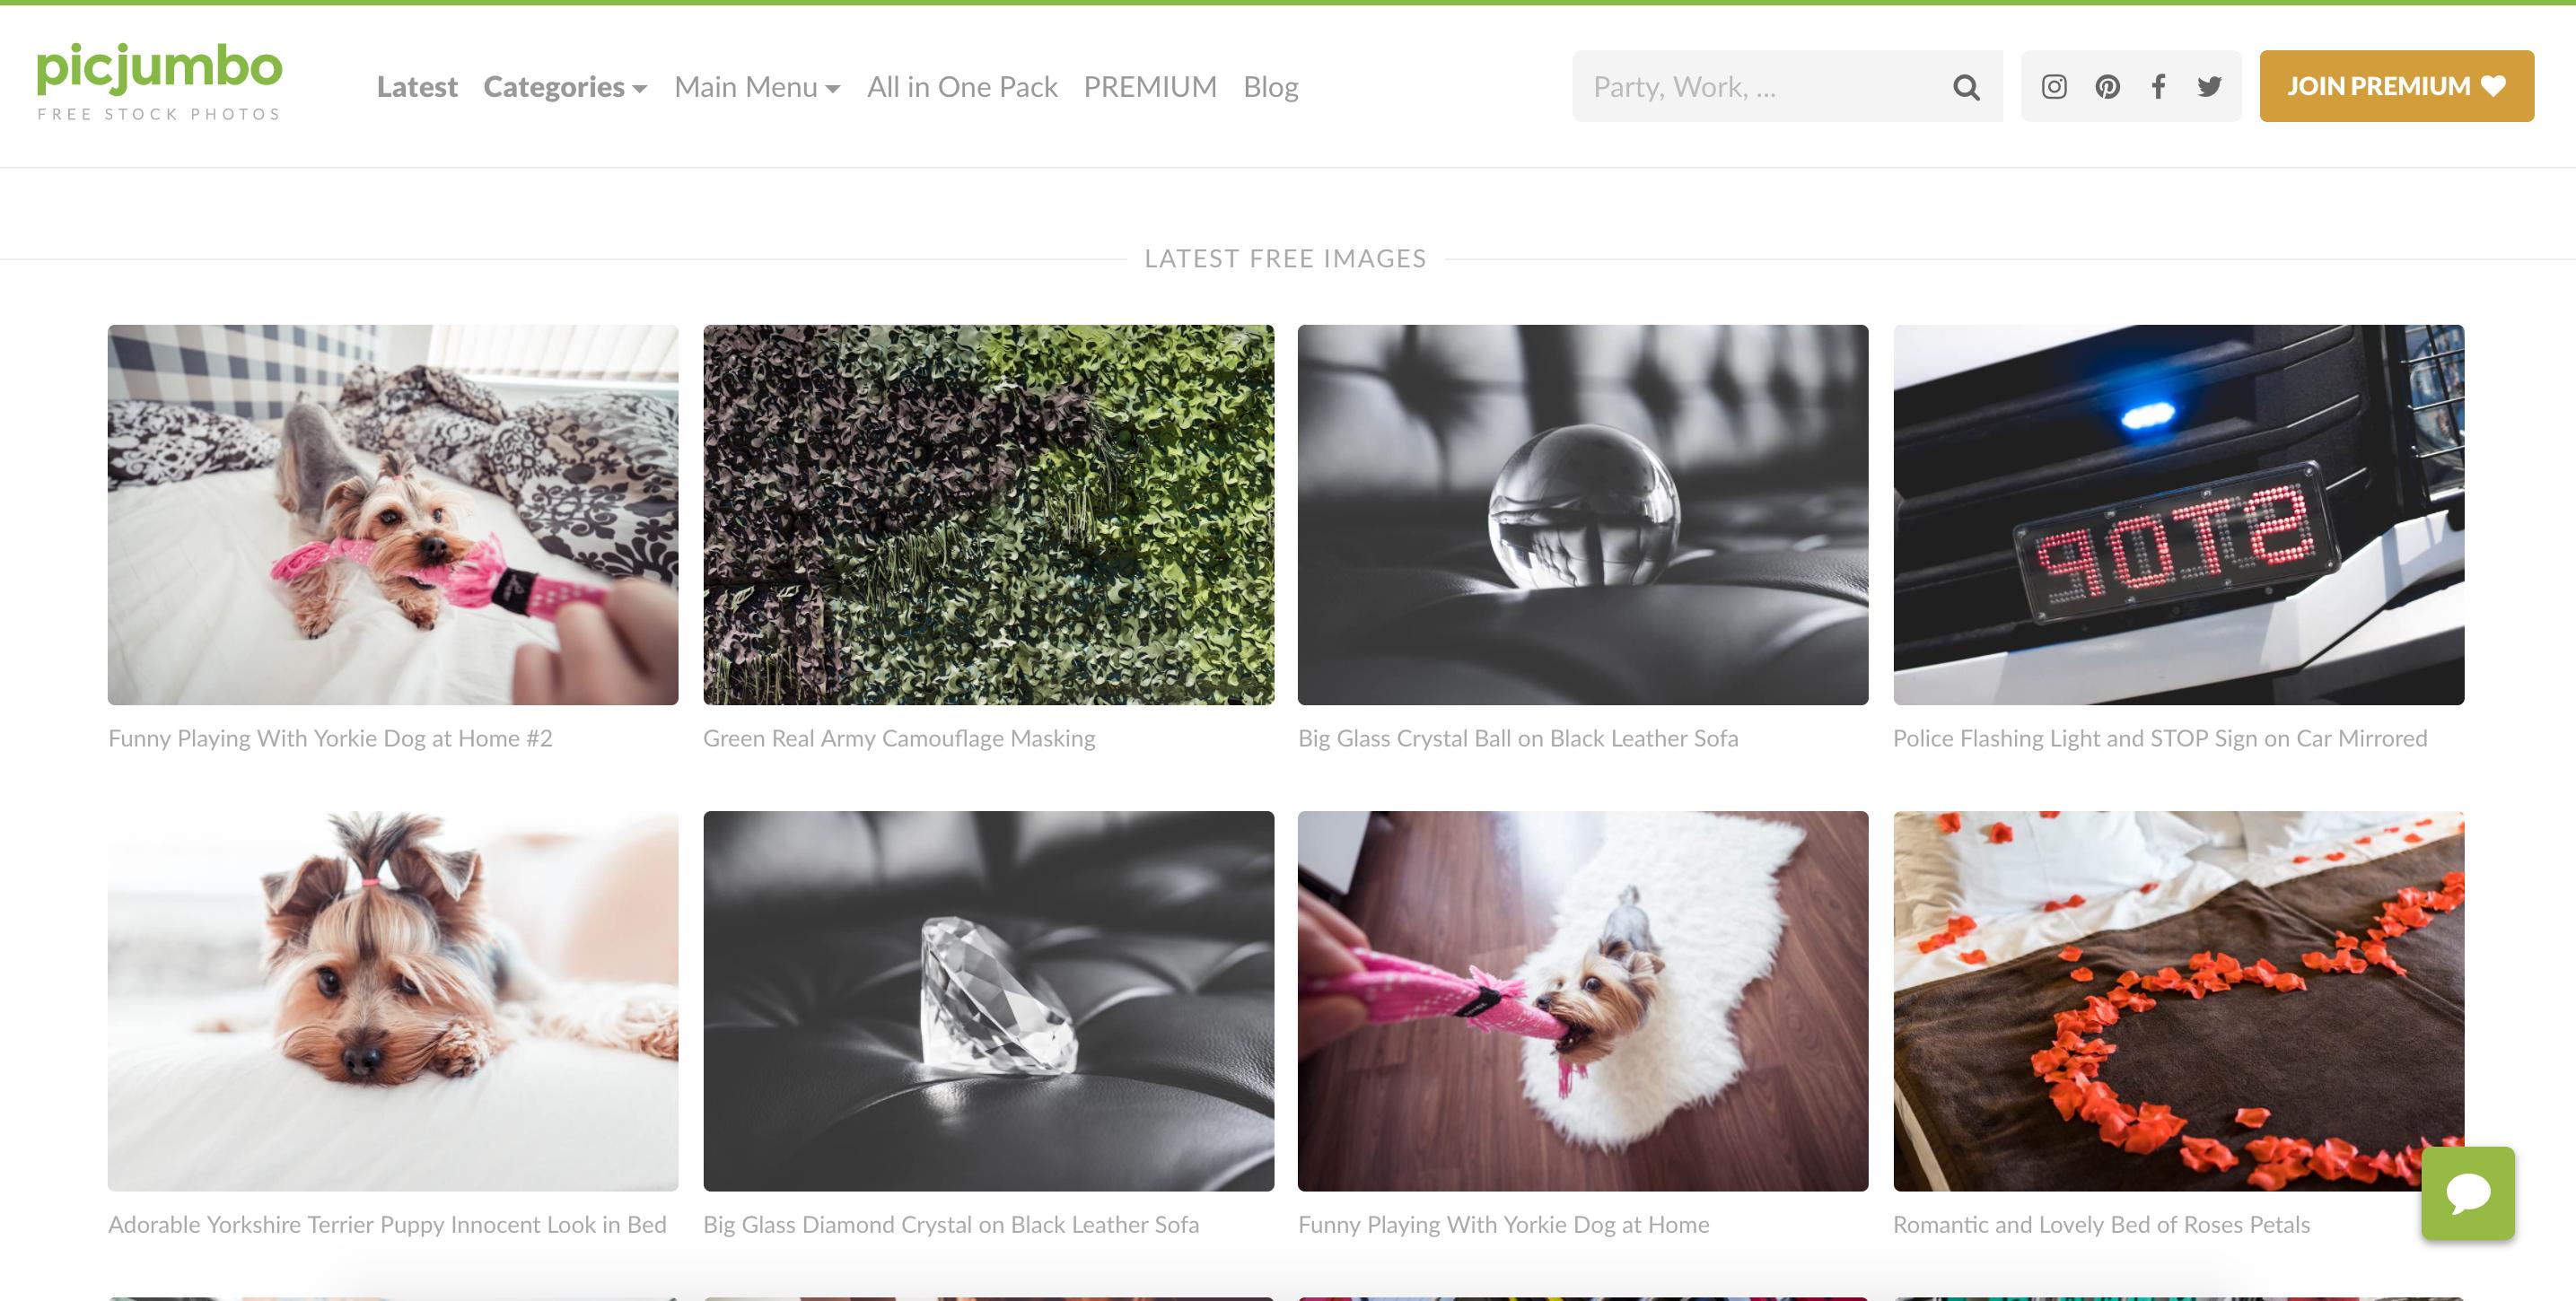 Picjumbo - lizenzfreie und kostenlose Bilder Plattform